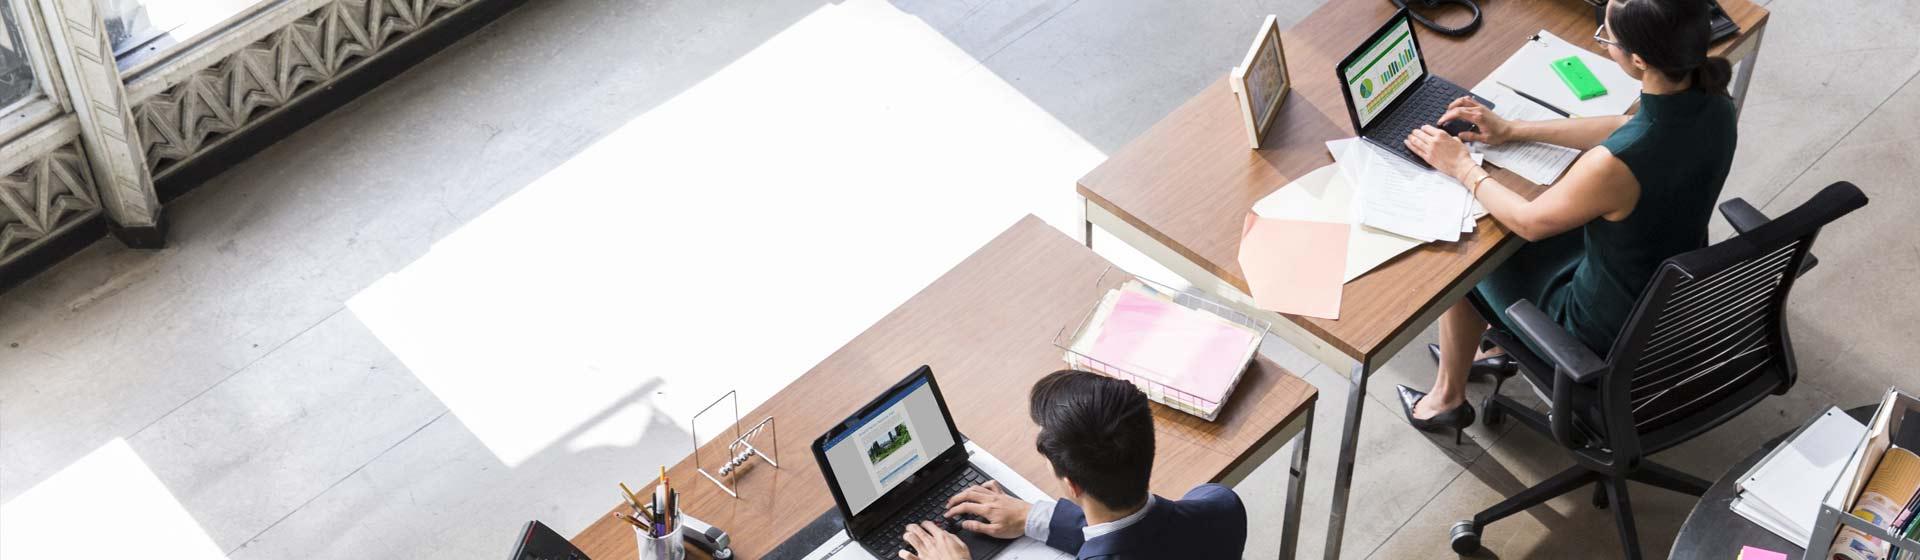 Desfrute das vantagens – atualize já o Office 2013 para o Office 365